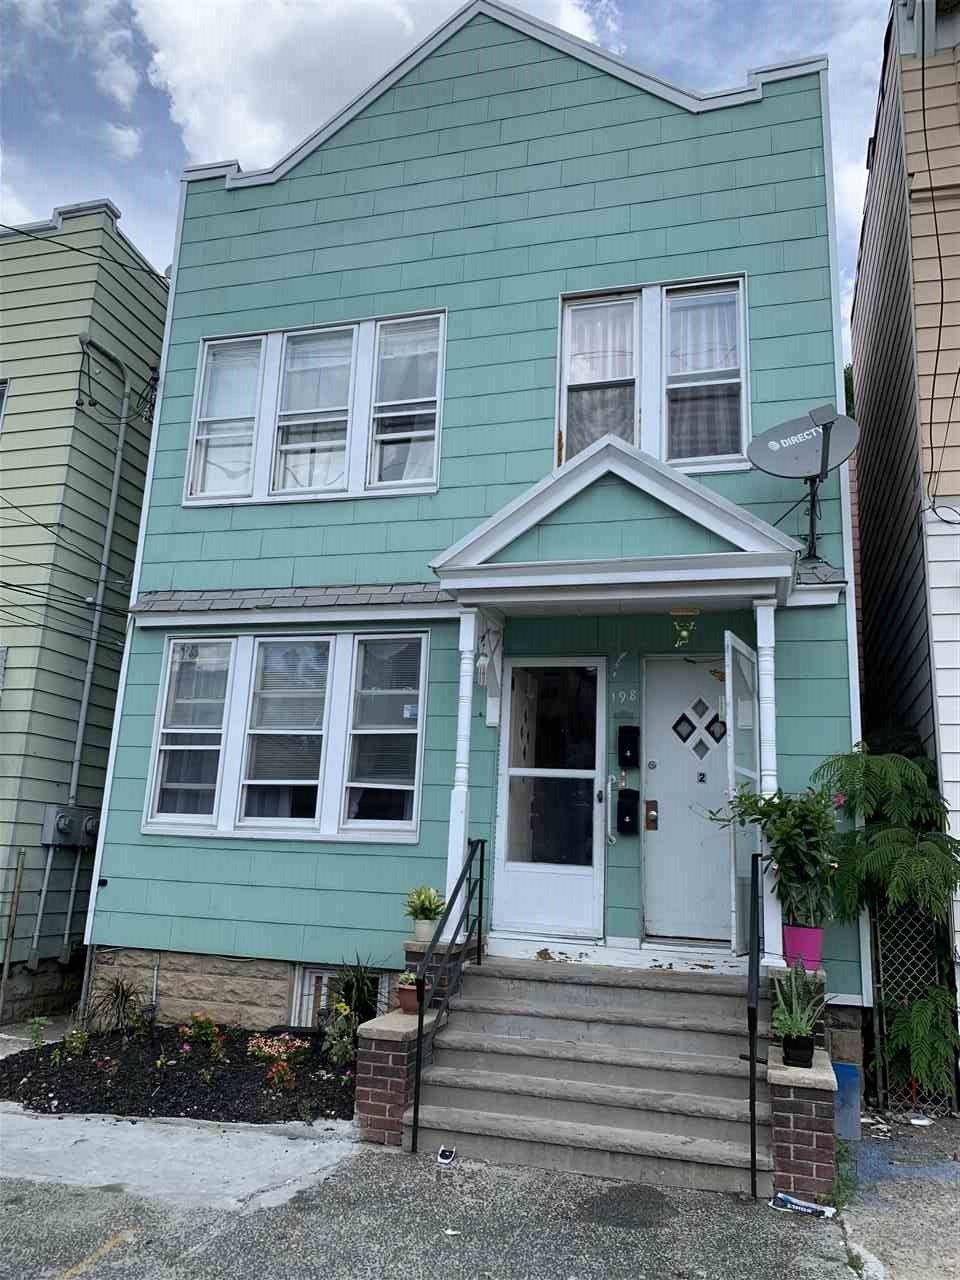 198 BOYD AVE, Jersey City, NJ 07304 - #: 202014022